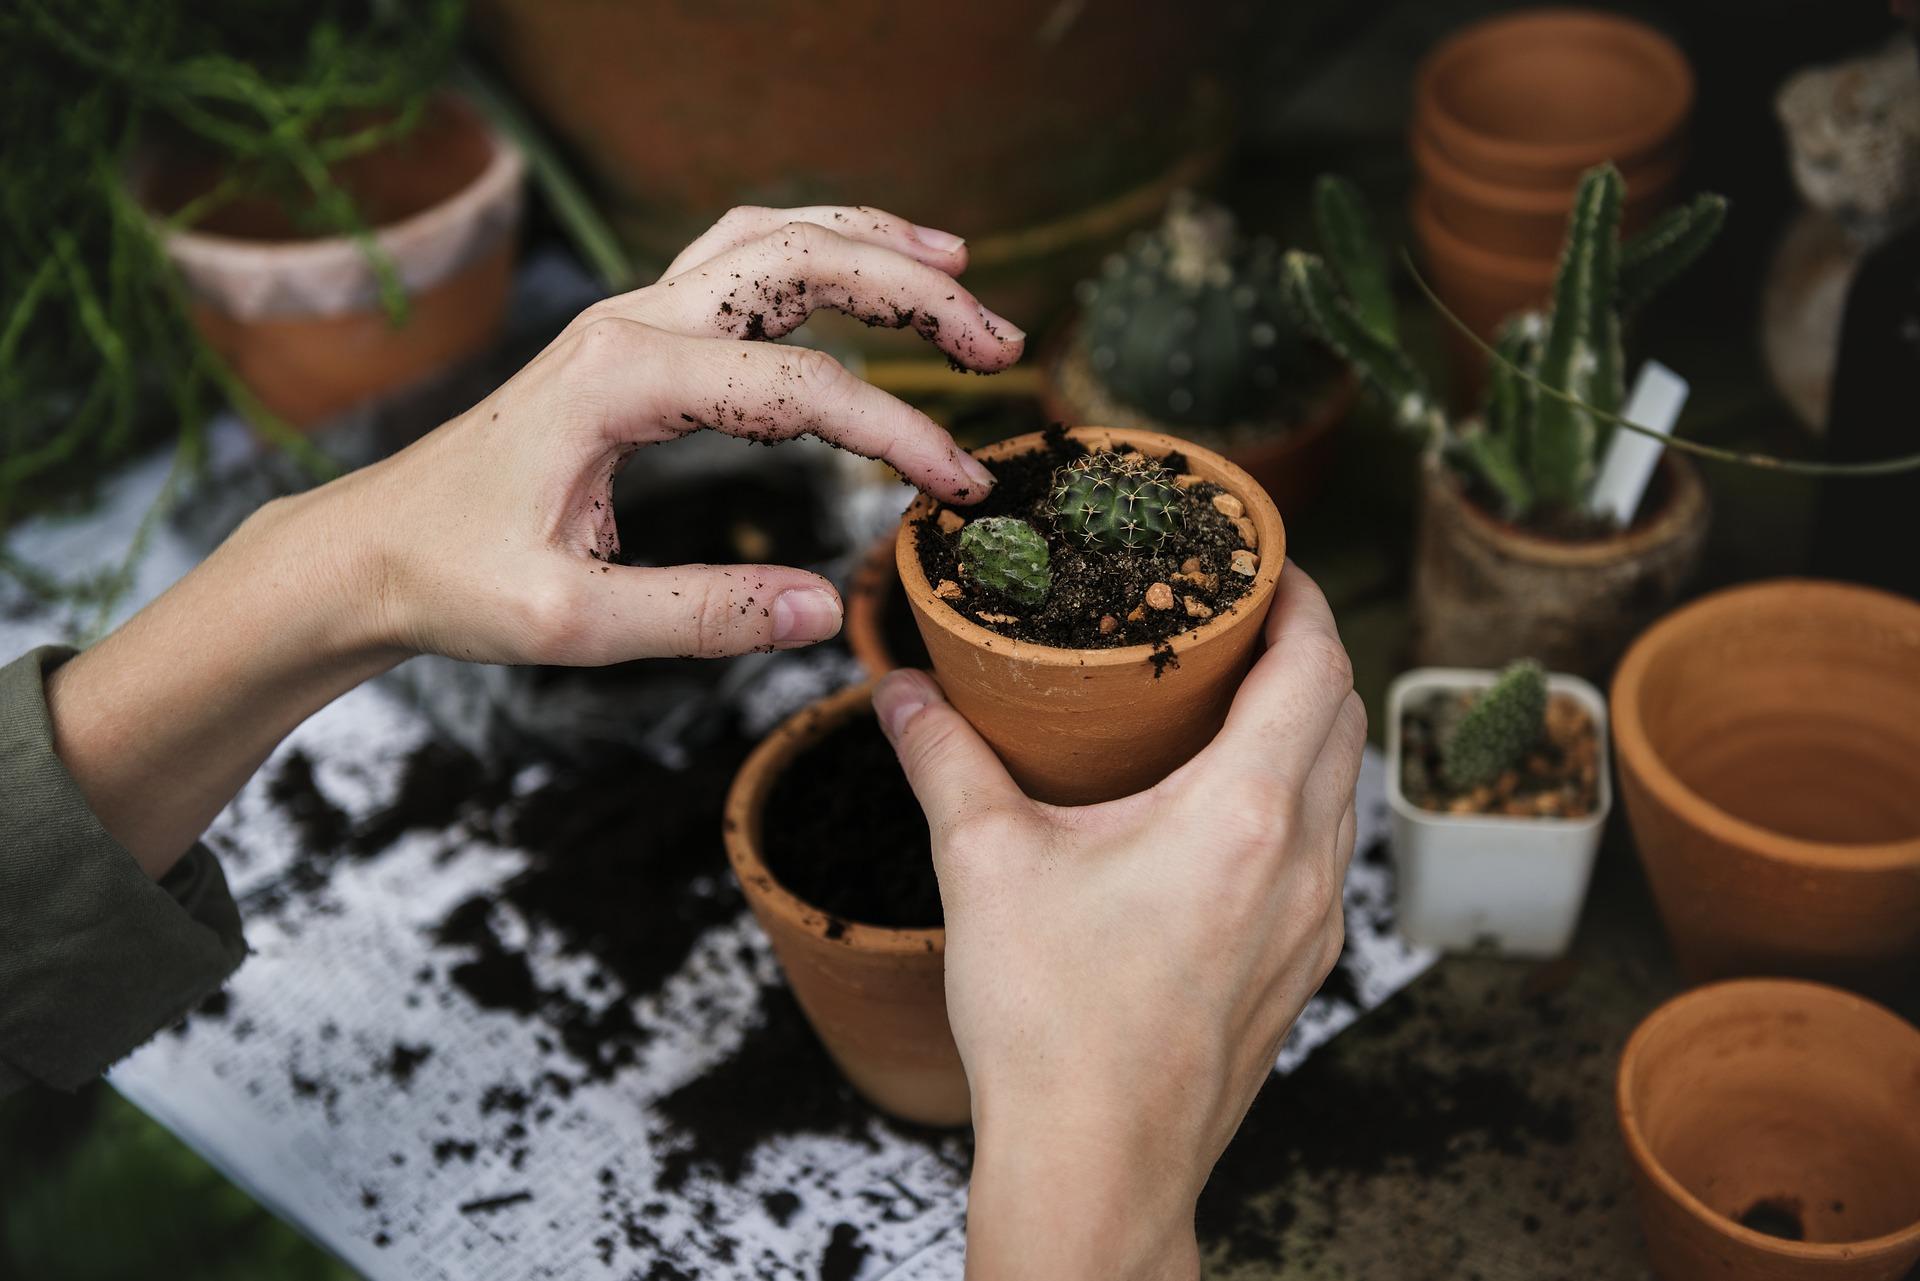 Copia di come appassionarsi al giardinaggio